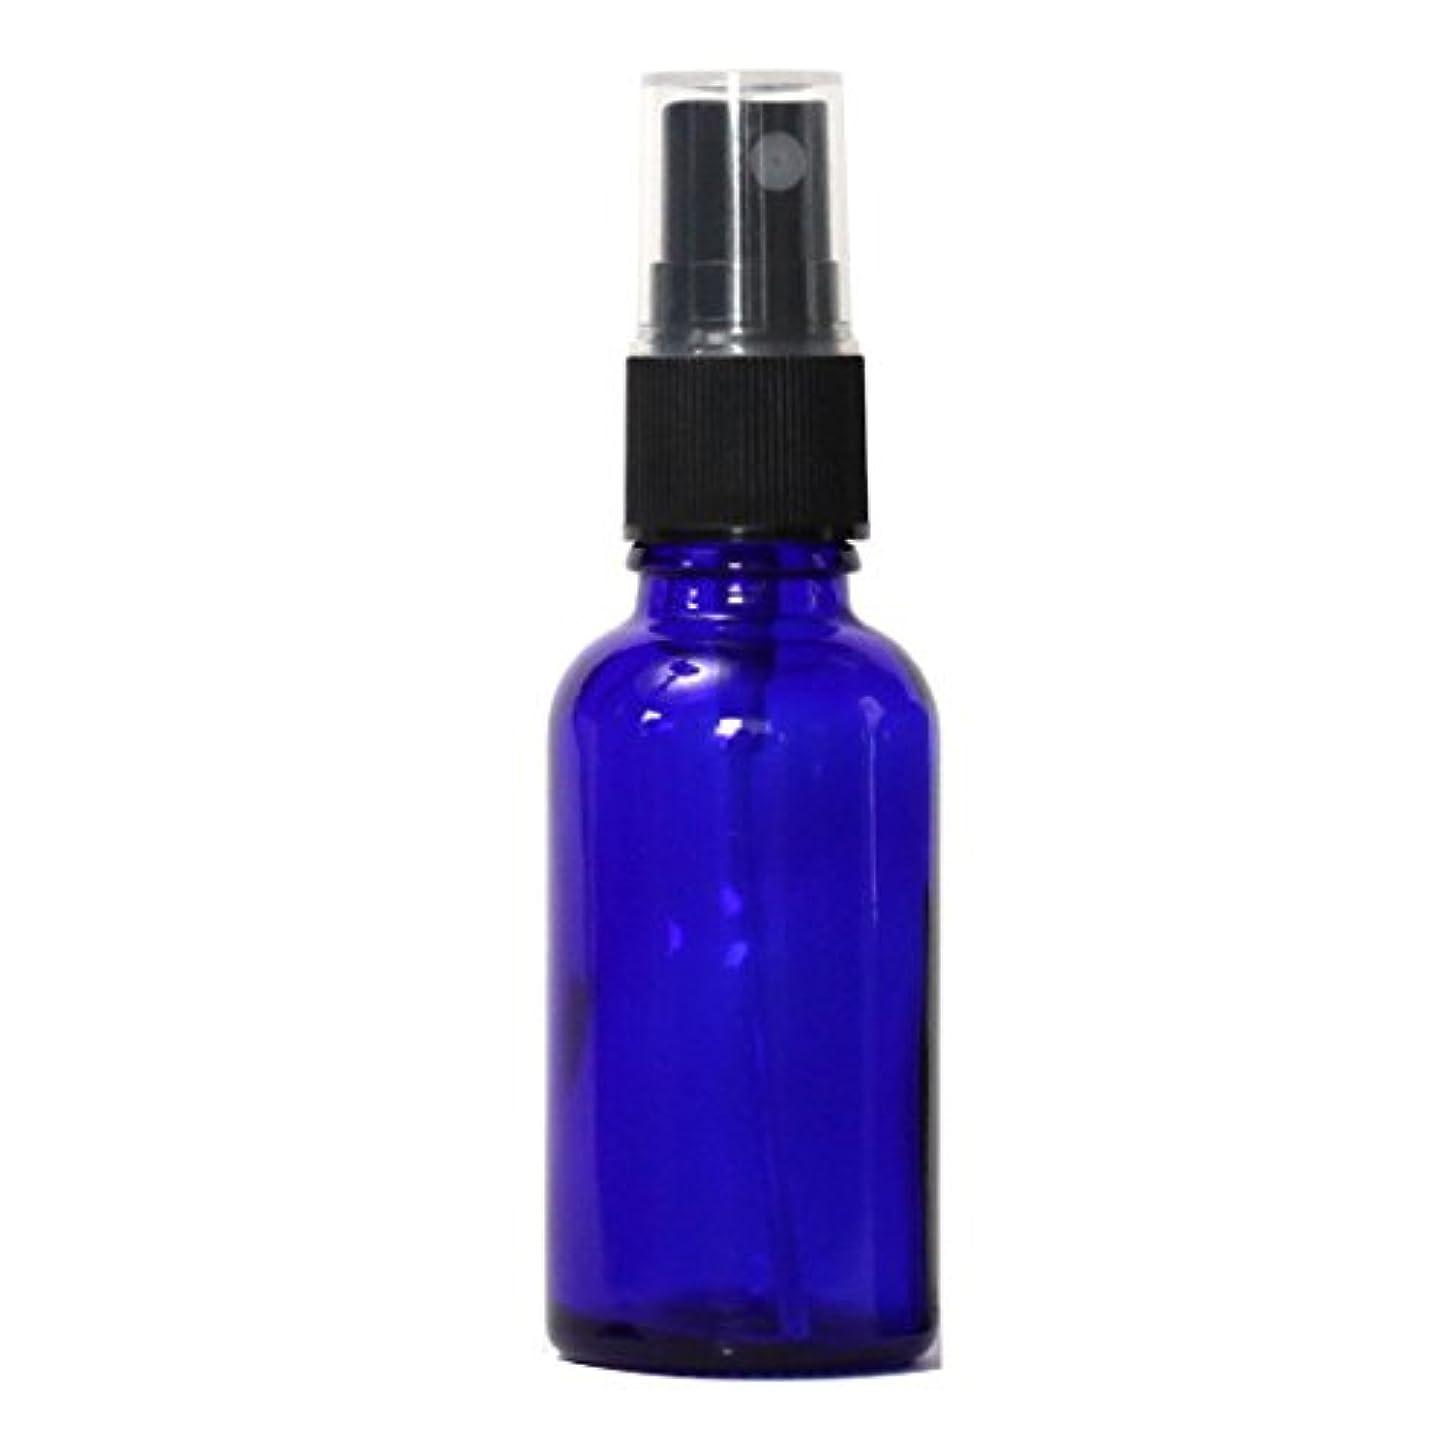 有用シーフード変更可能スプレーガラス瓶ボトル 30mL 遮光性ブルー おしゃれガラスアトマイザー 空容器